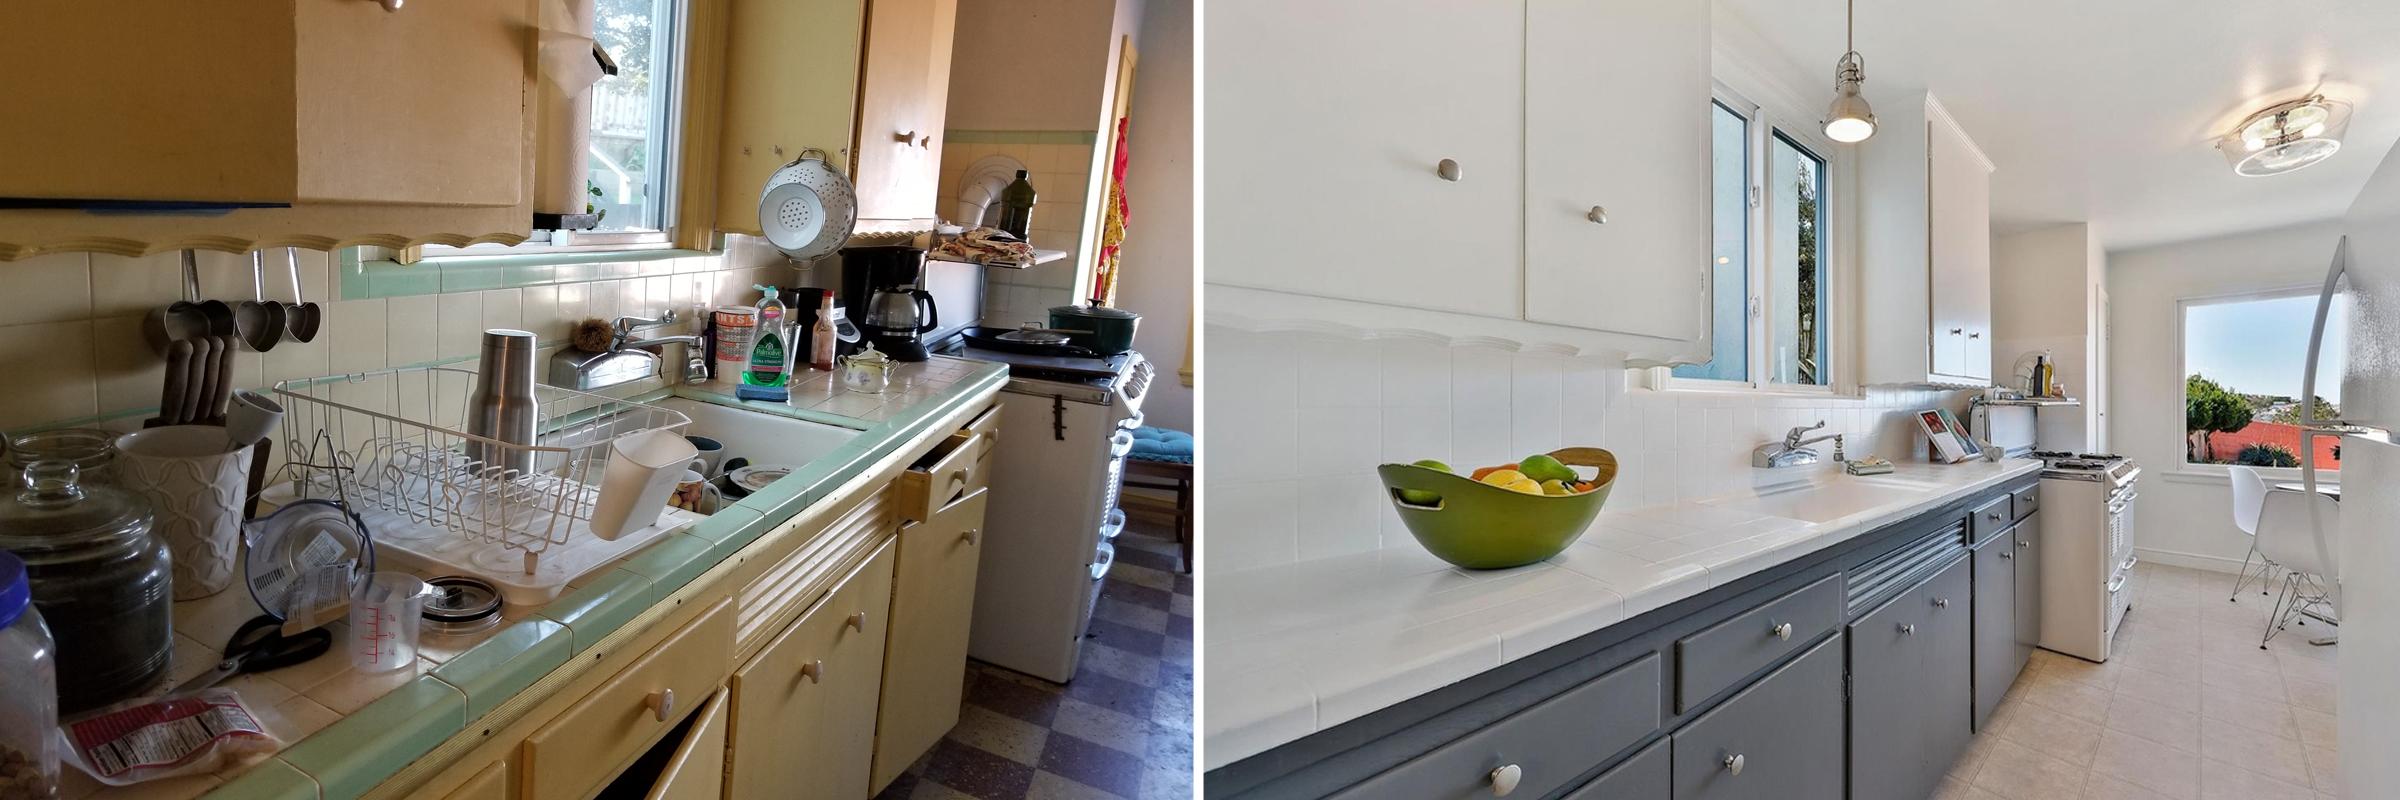 91 robinson kitchen.jpg